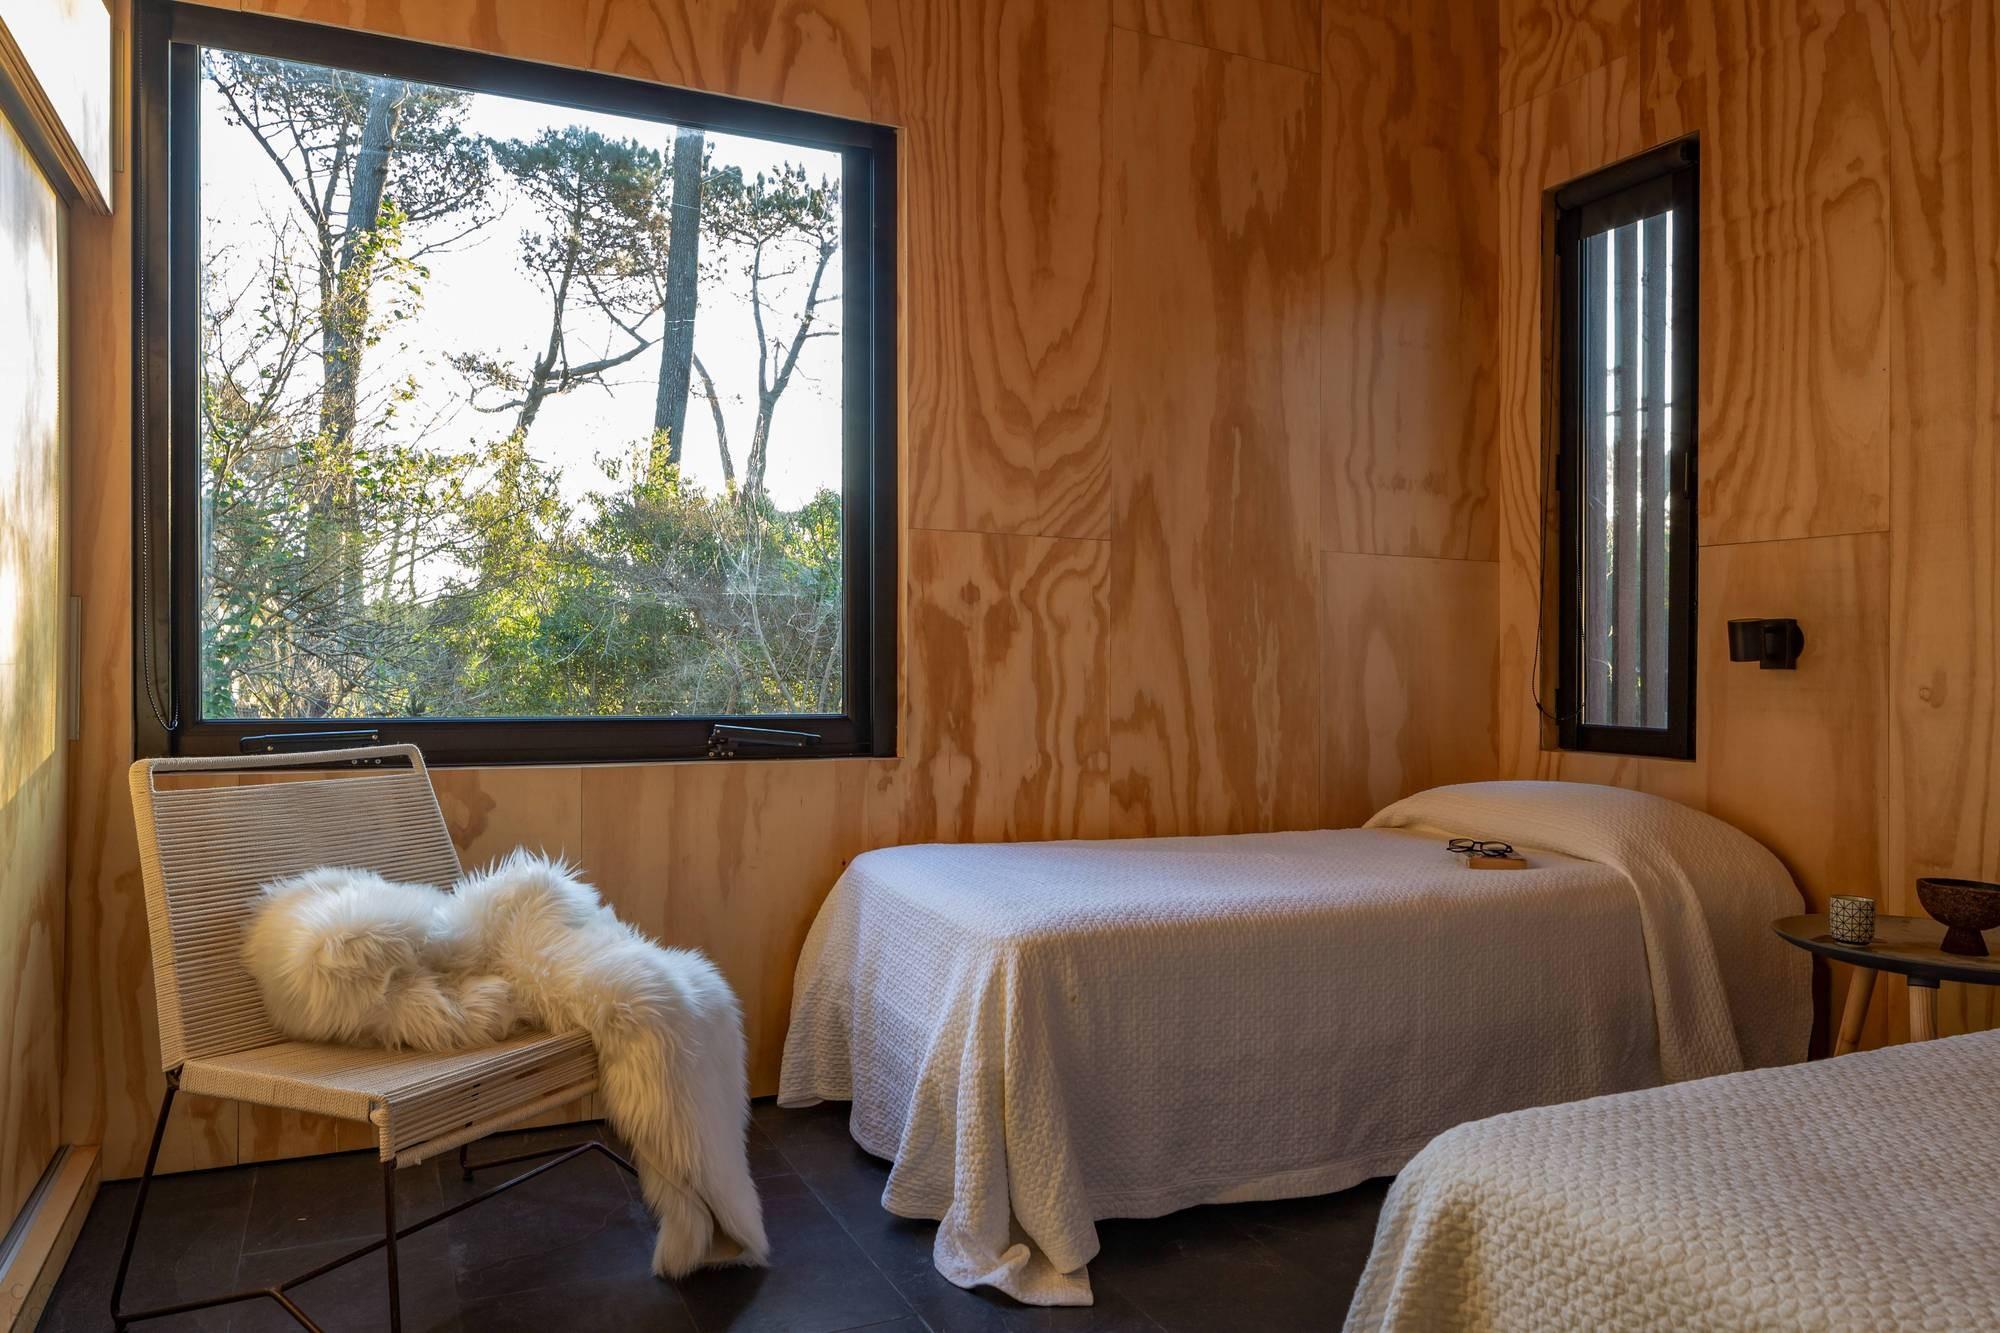 Компактный сборный дом, интегрированный в лесной ландшафт